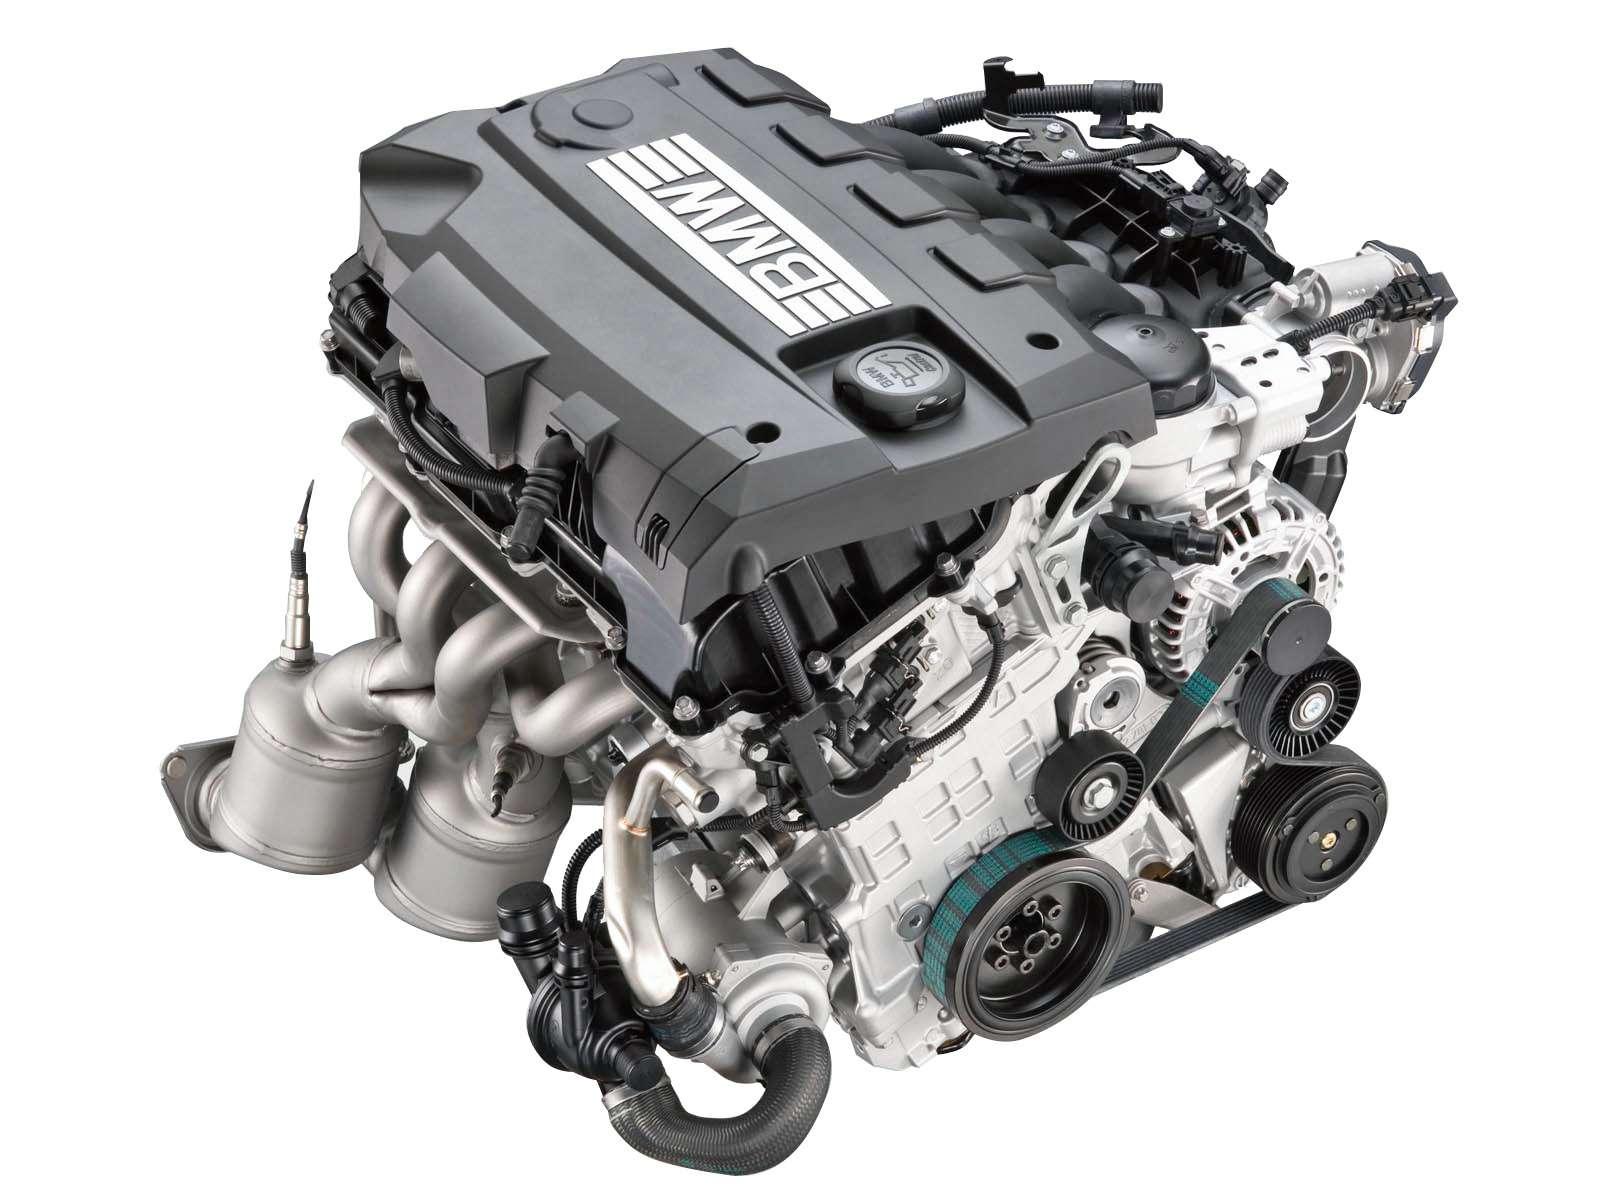 Рейтинг надежности двигателей автомобилей: два литра проблем— фото 590355